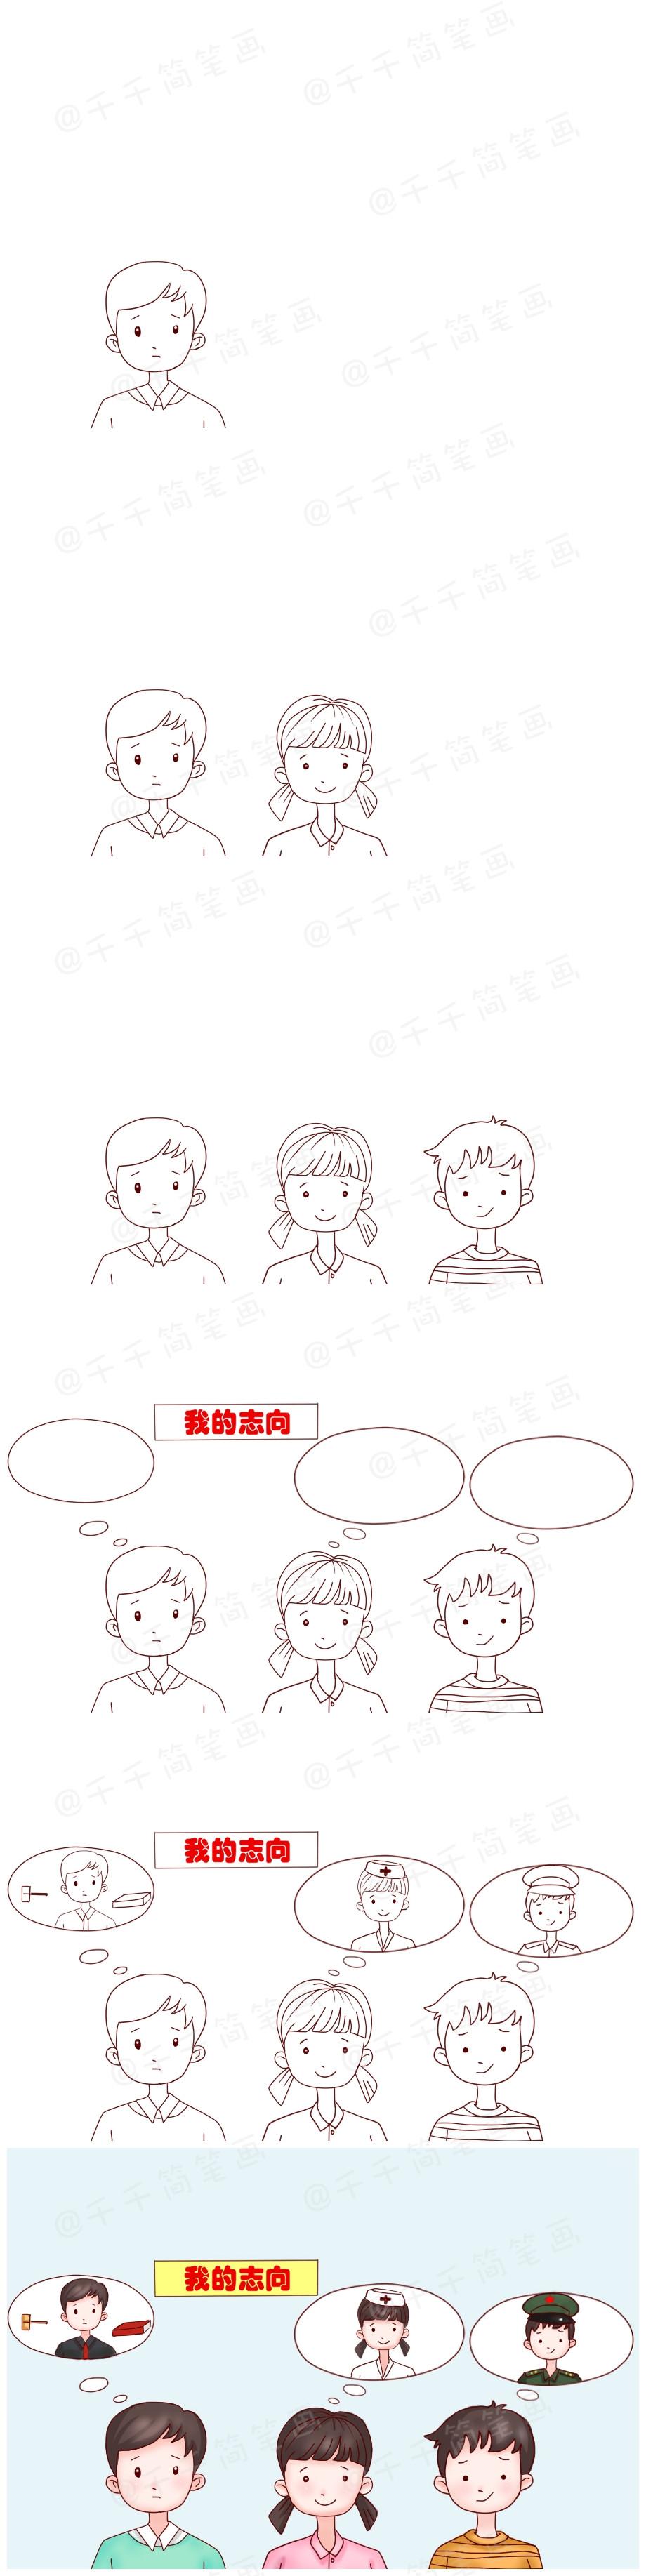 【5岁 成语故事】人各有志【千千简笔画国学 】